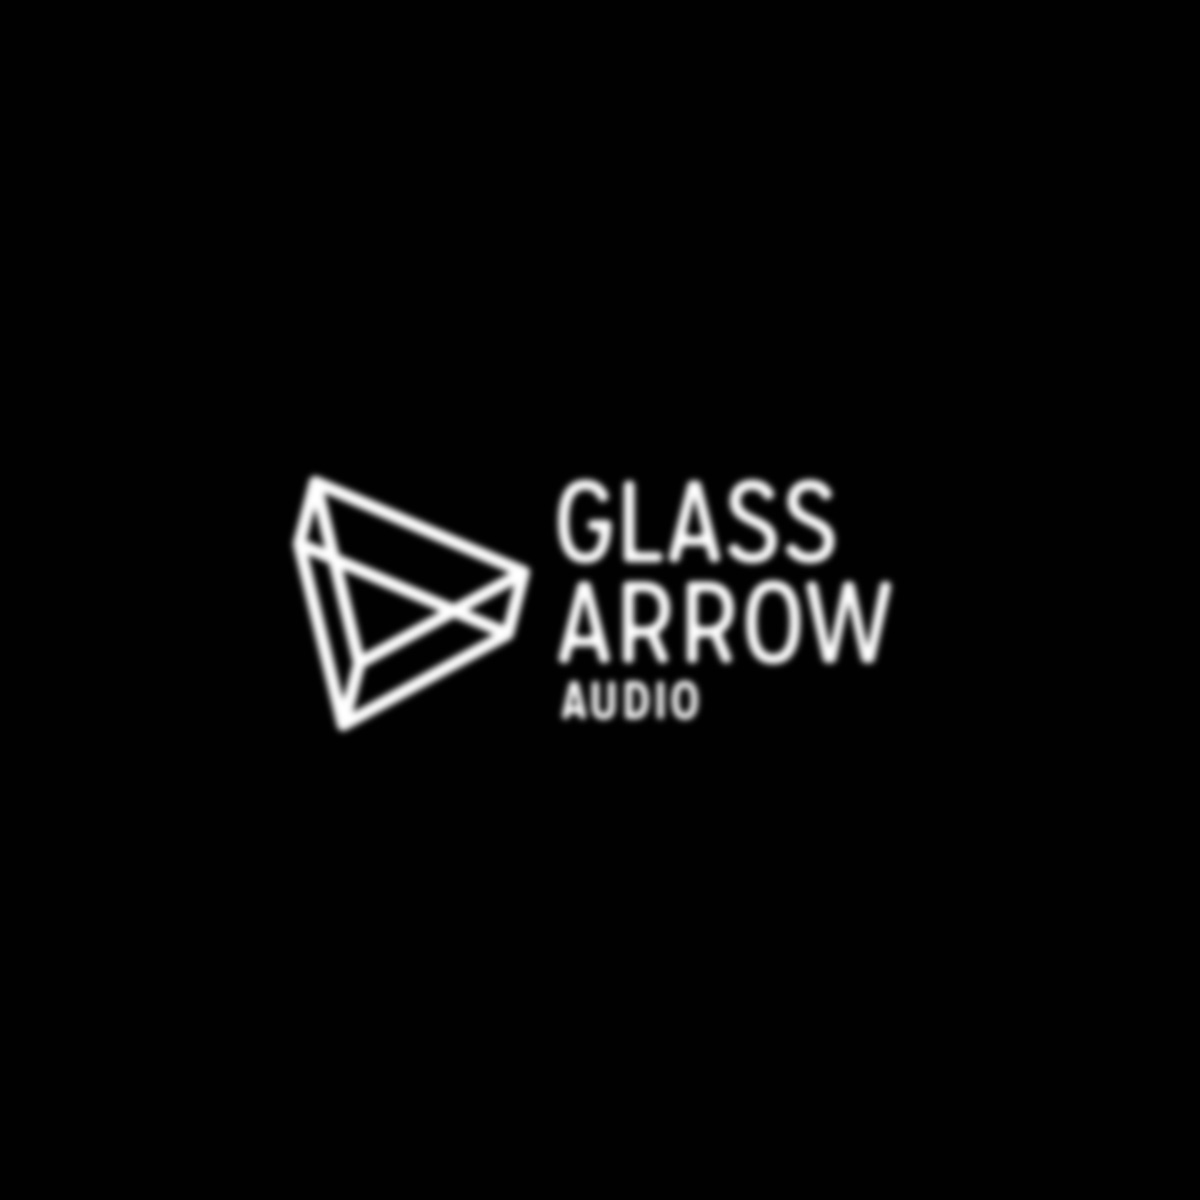 Glass-Arrow_logo_02.jpg